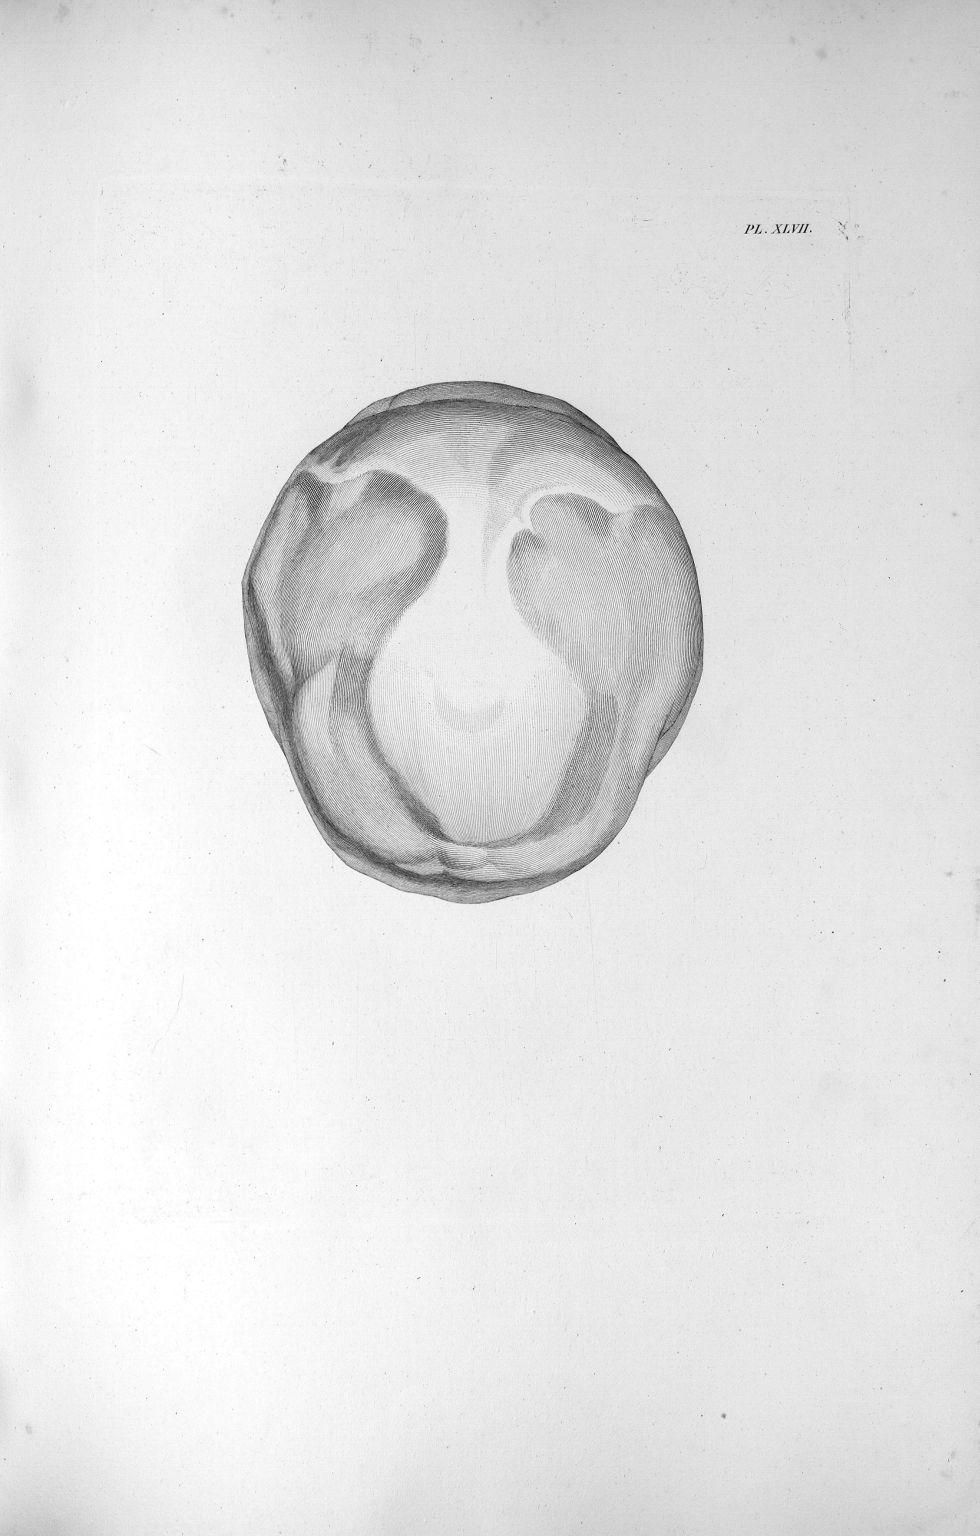 Pl. XLVII. Absorption encore plus forte [de la substance spongieuse des os pariétaux] dans un âge plus avancée - Anatomie. Neurologie. Crânes. 19e siècle (France) - med00575xatlasx0057